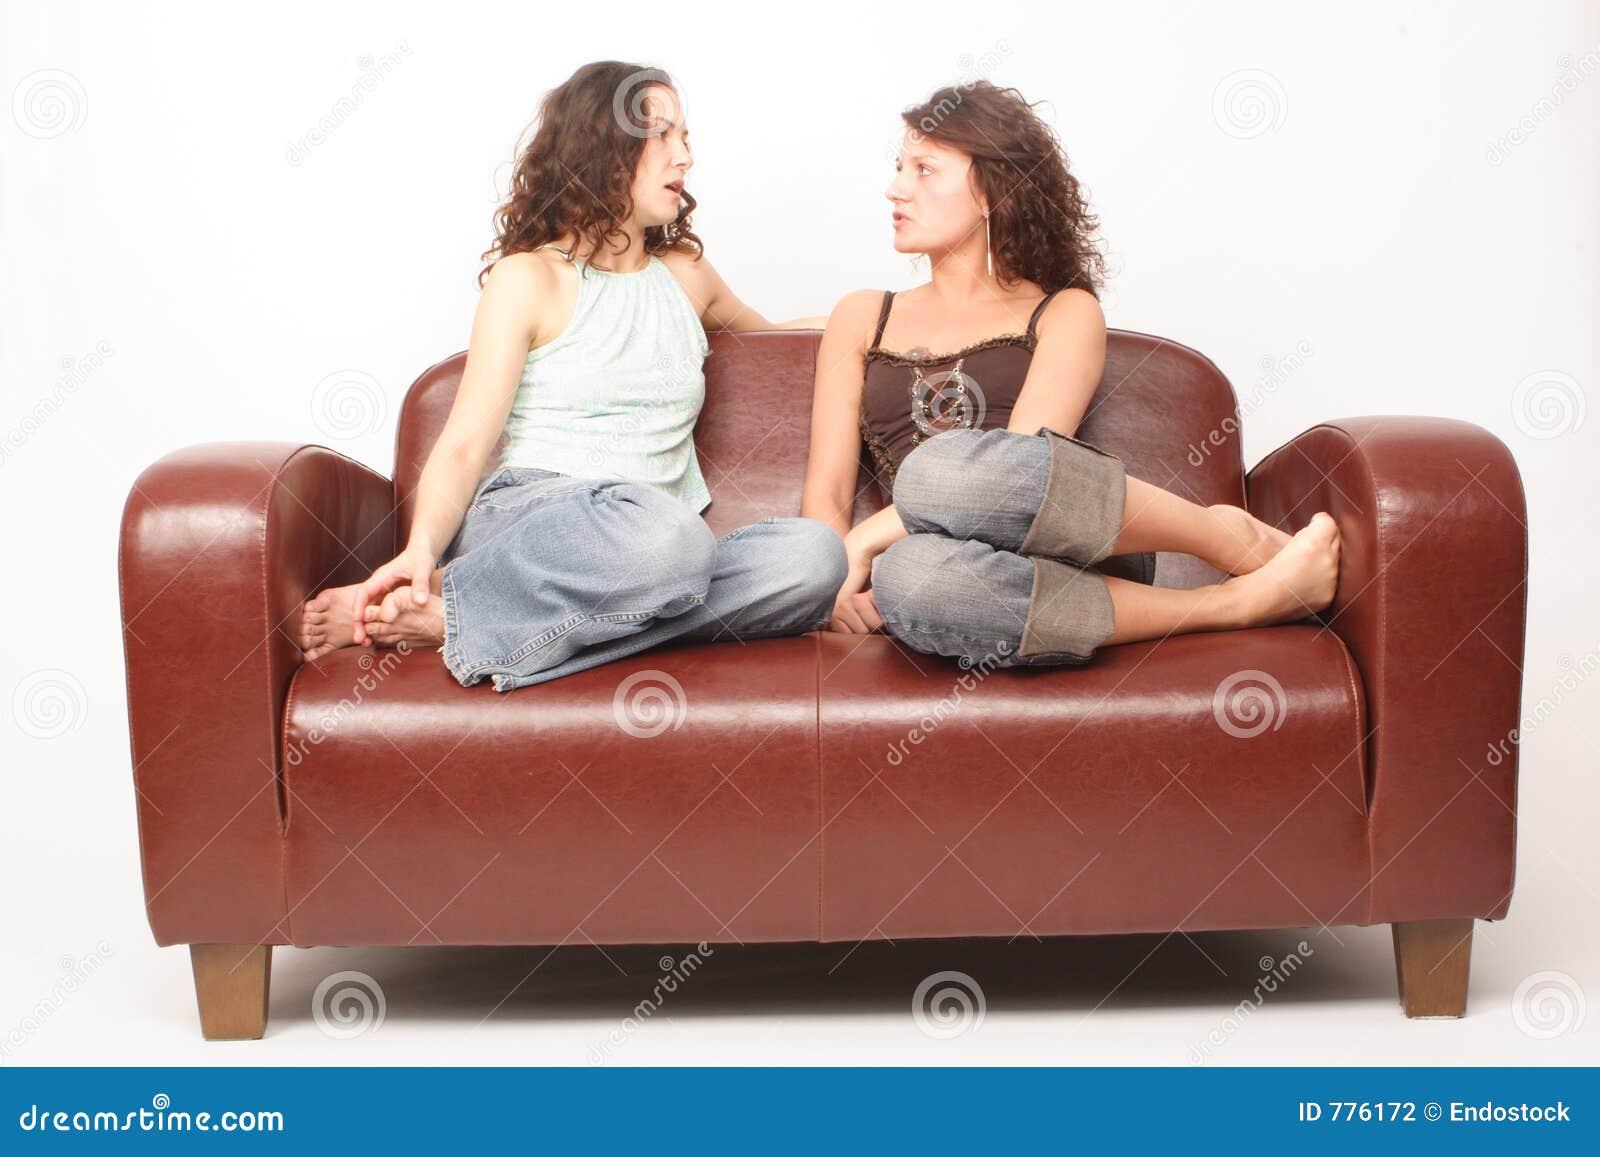 Junge Frauen Die Auf Sofa Und Der Unterhaltung Sitzen